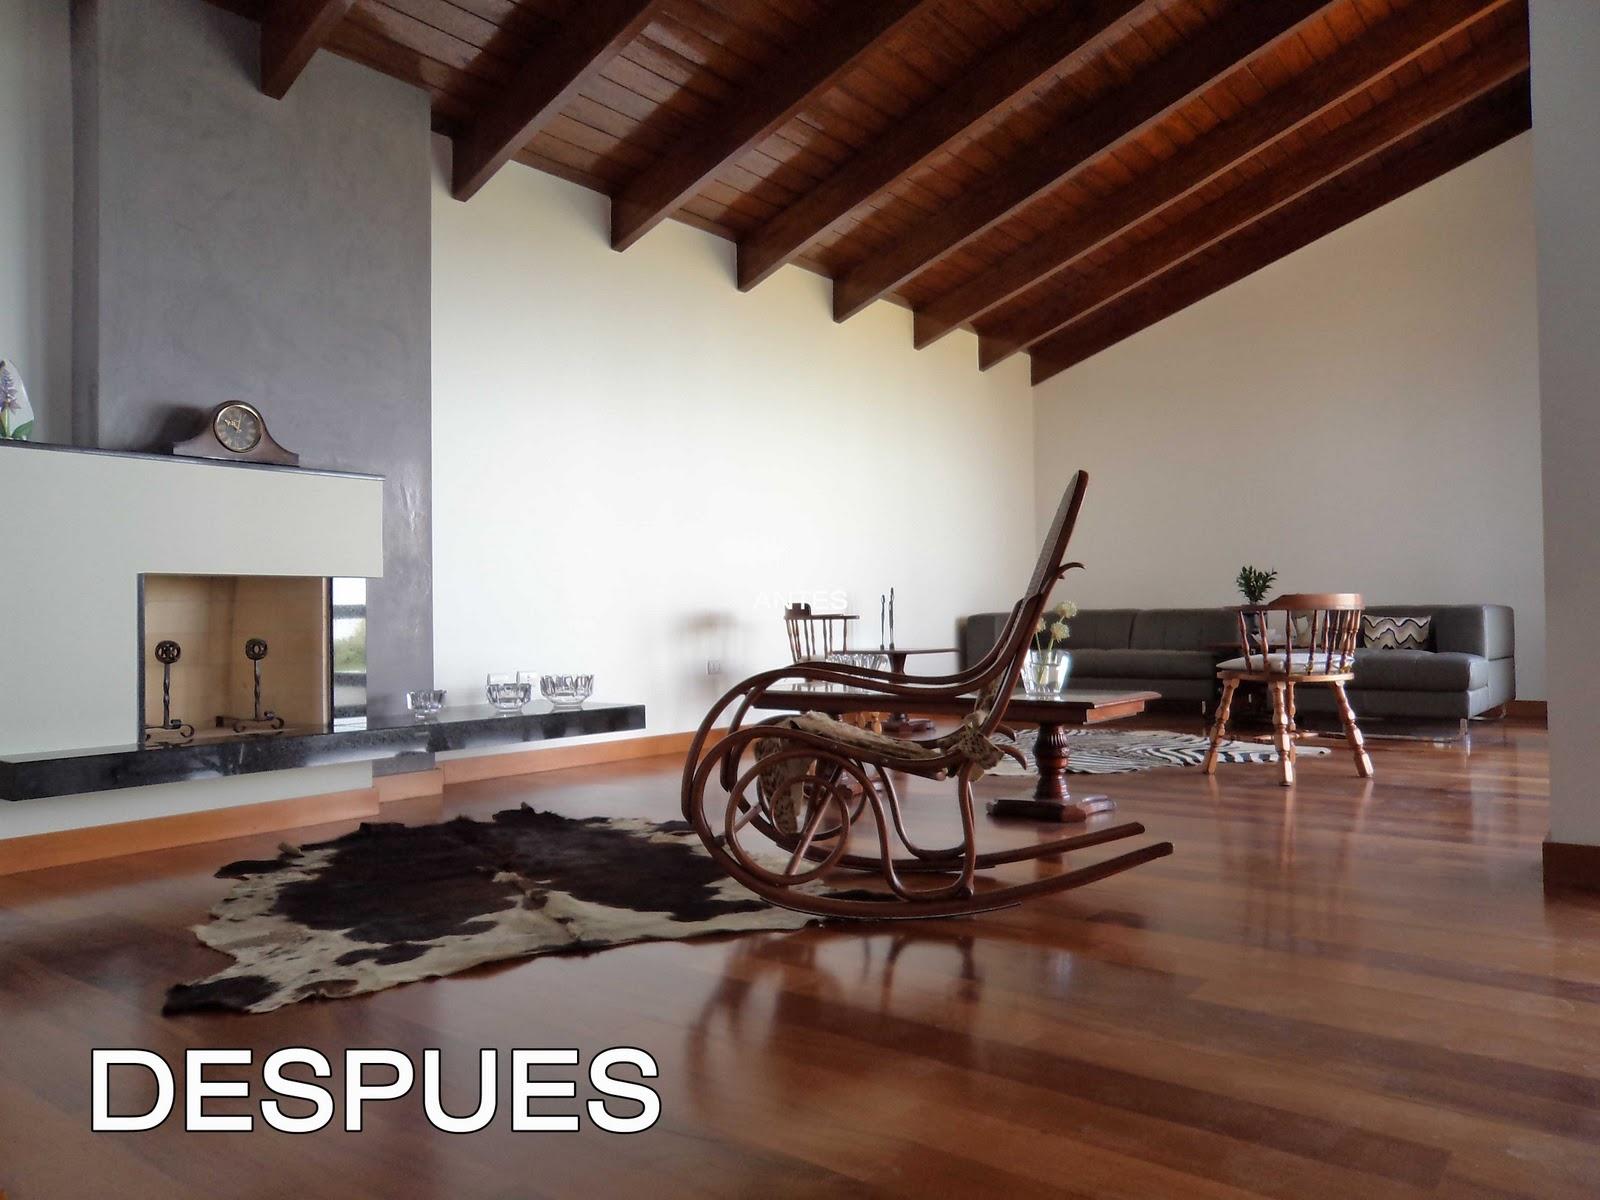 Oniria antes y despu s remodelacion de sala for Remodelacion de casas pequenas fotos